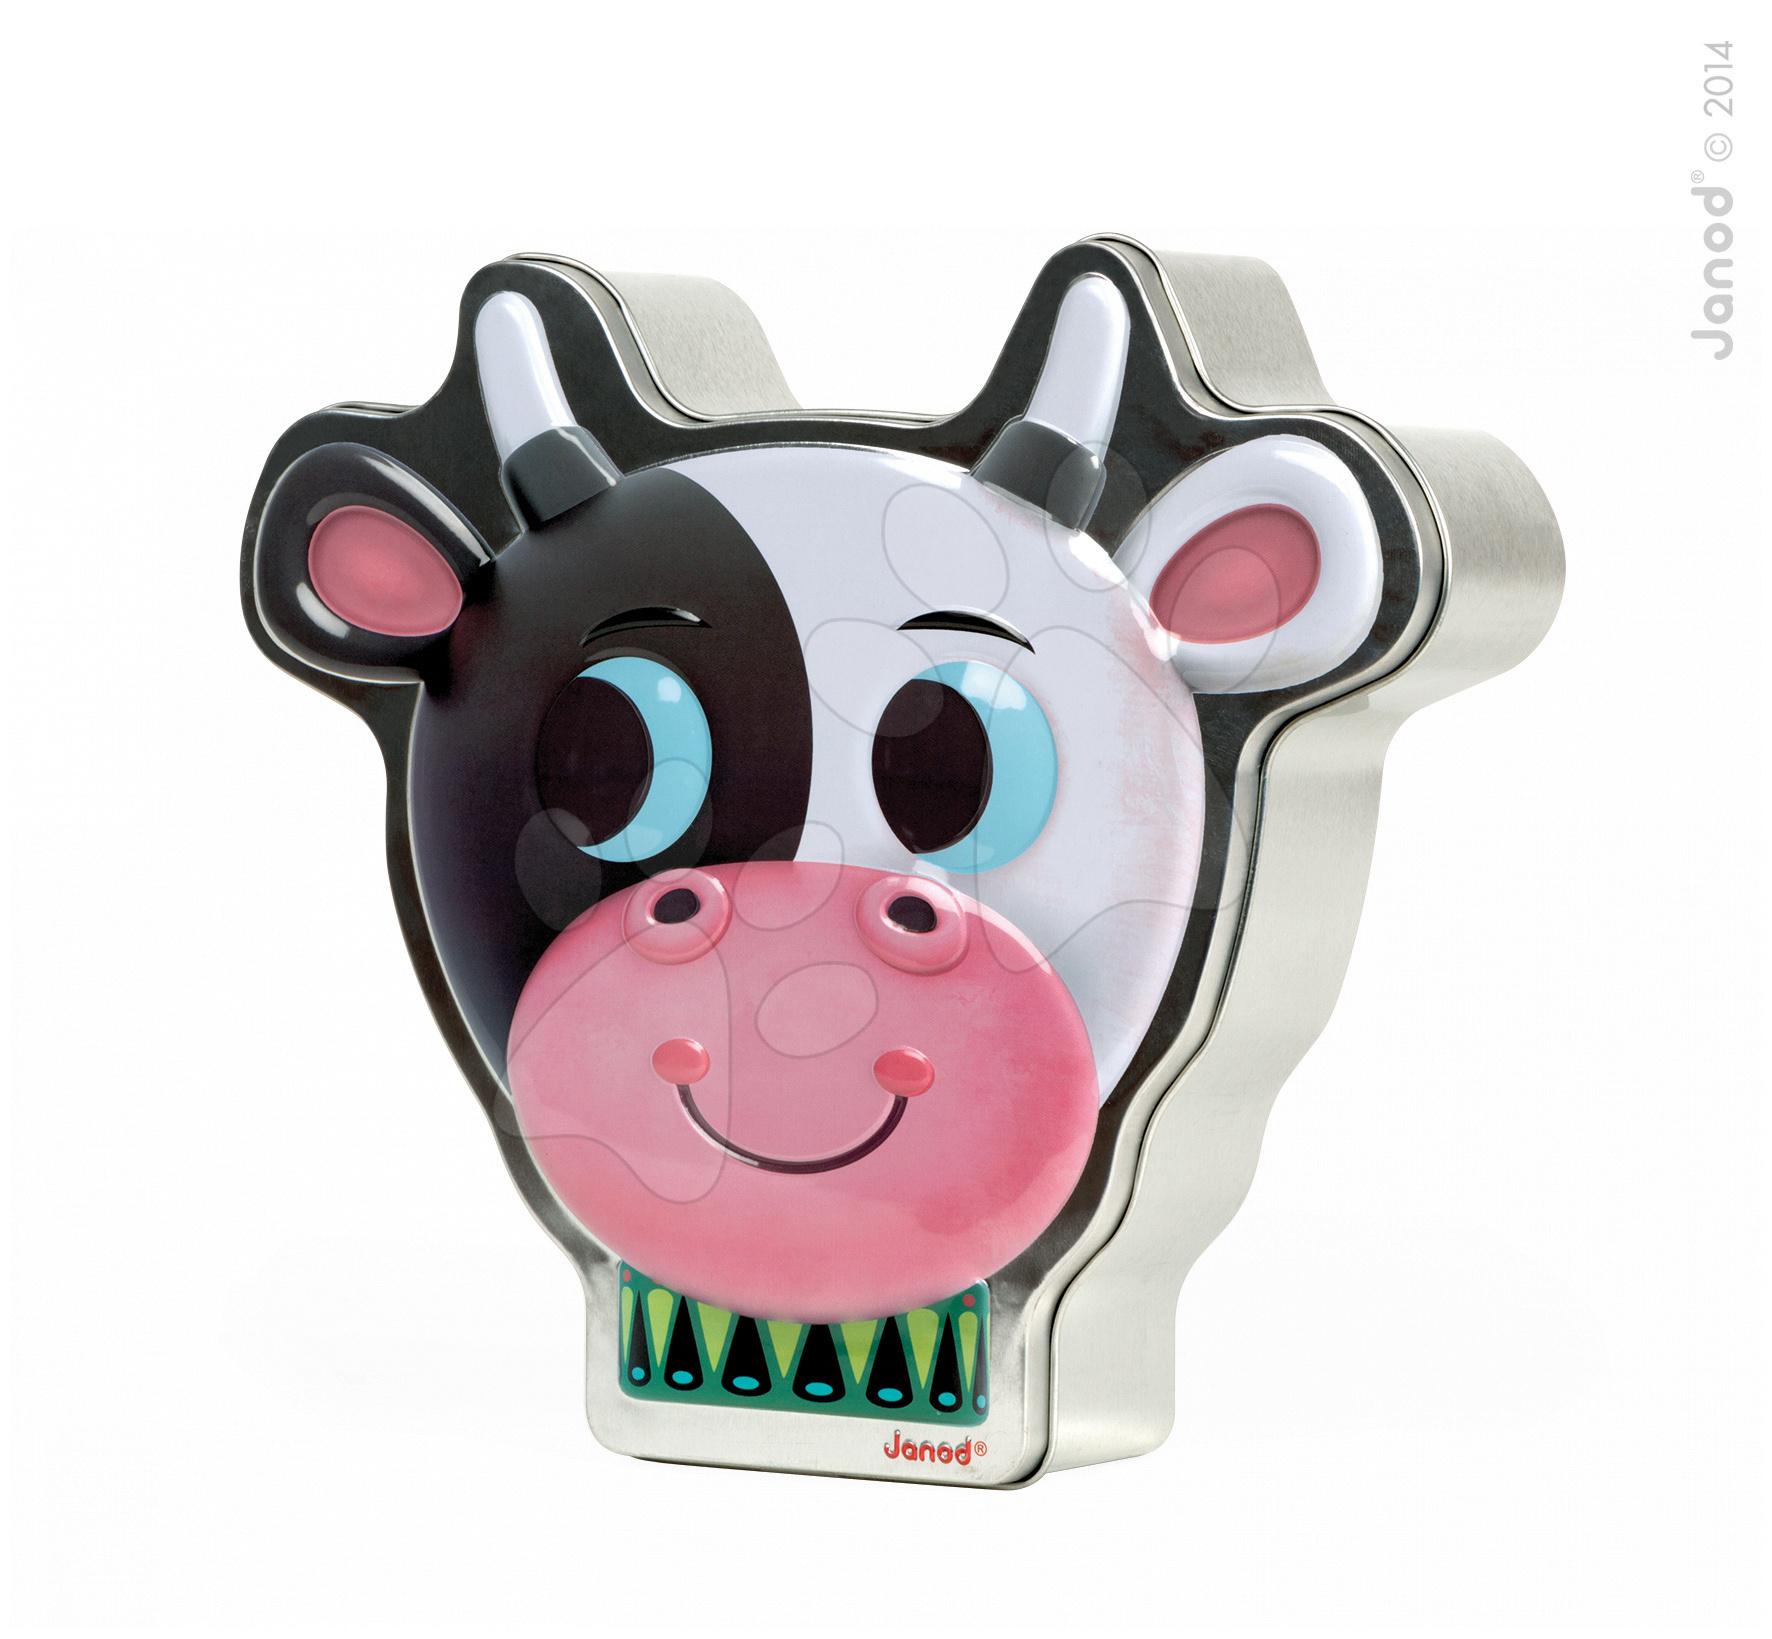 Cudzojazyčné spoločenské hry - Spoločenská hra Zoonimooz Cow Speed Game Janod v angličtine od 4 rokov